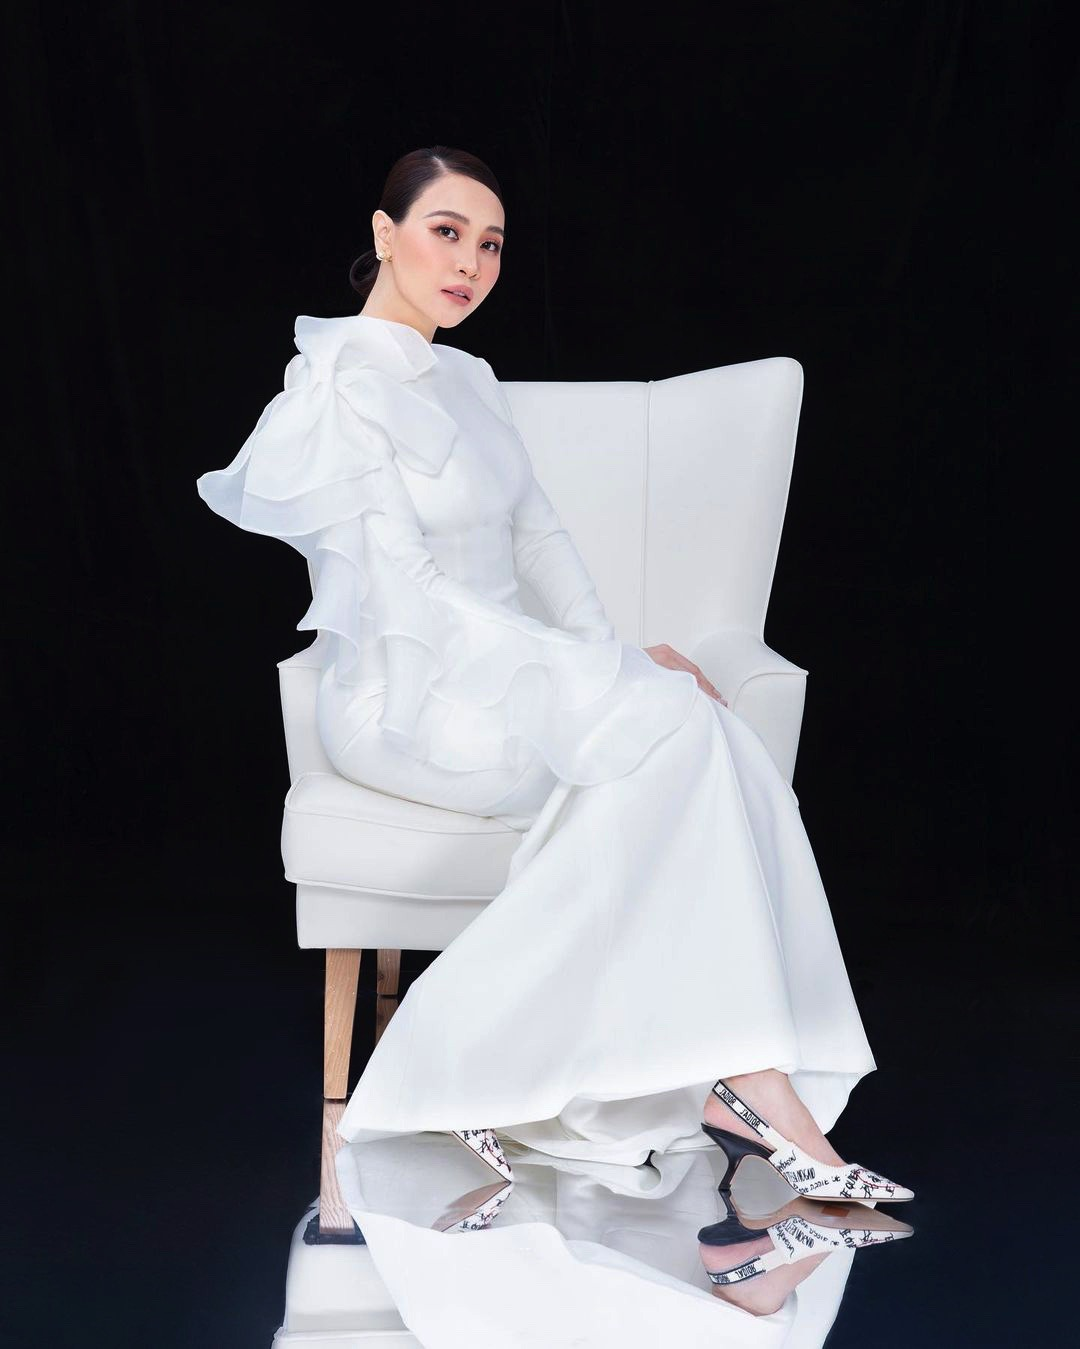 """Tái xuất sau sinh: Hà Hồ diện váy cô dâu, Đàm Thu Trang mặc đầm trắng """"chặt chém"""" không kém - 3"""